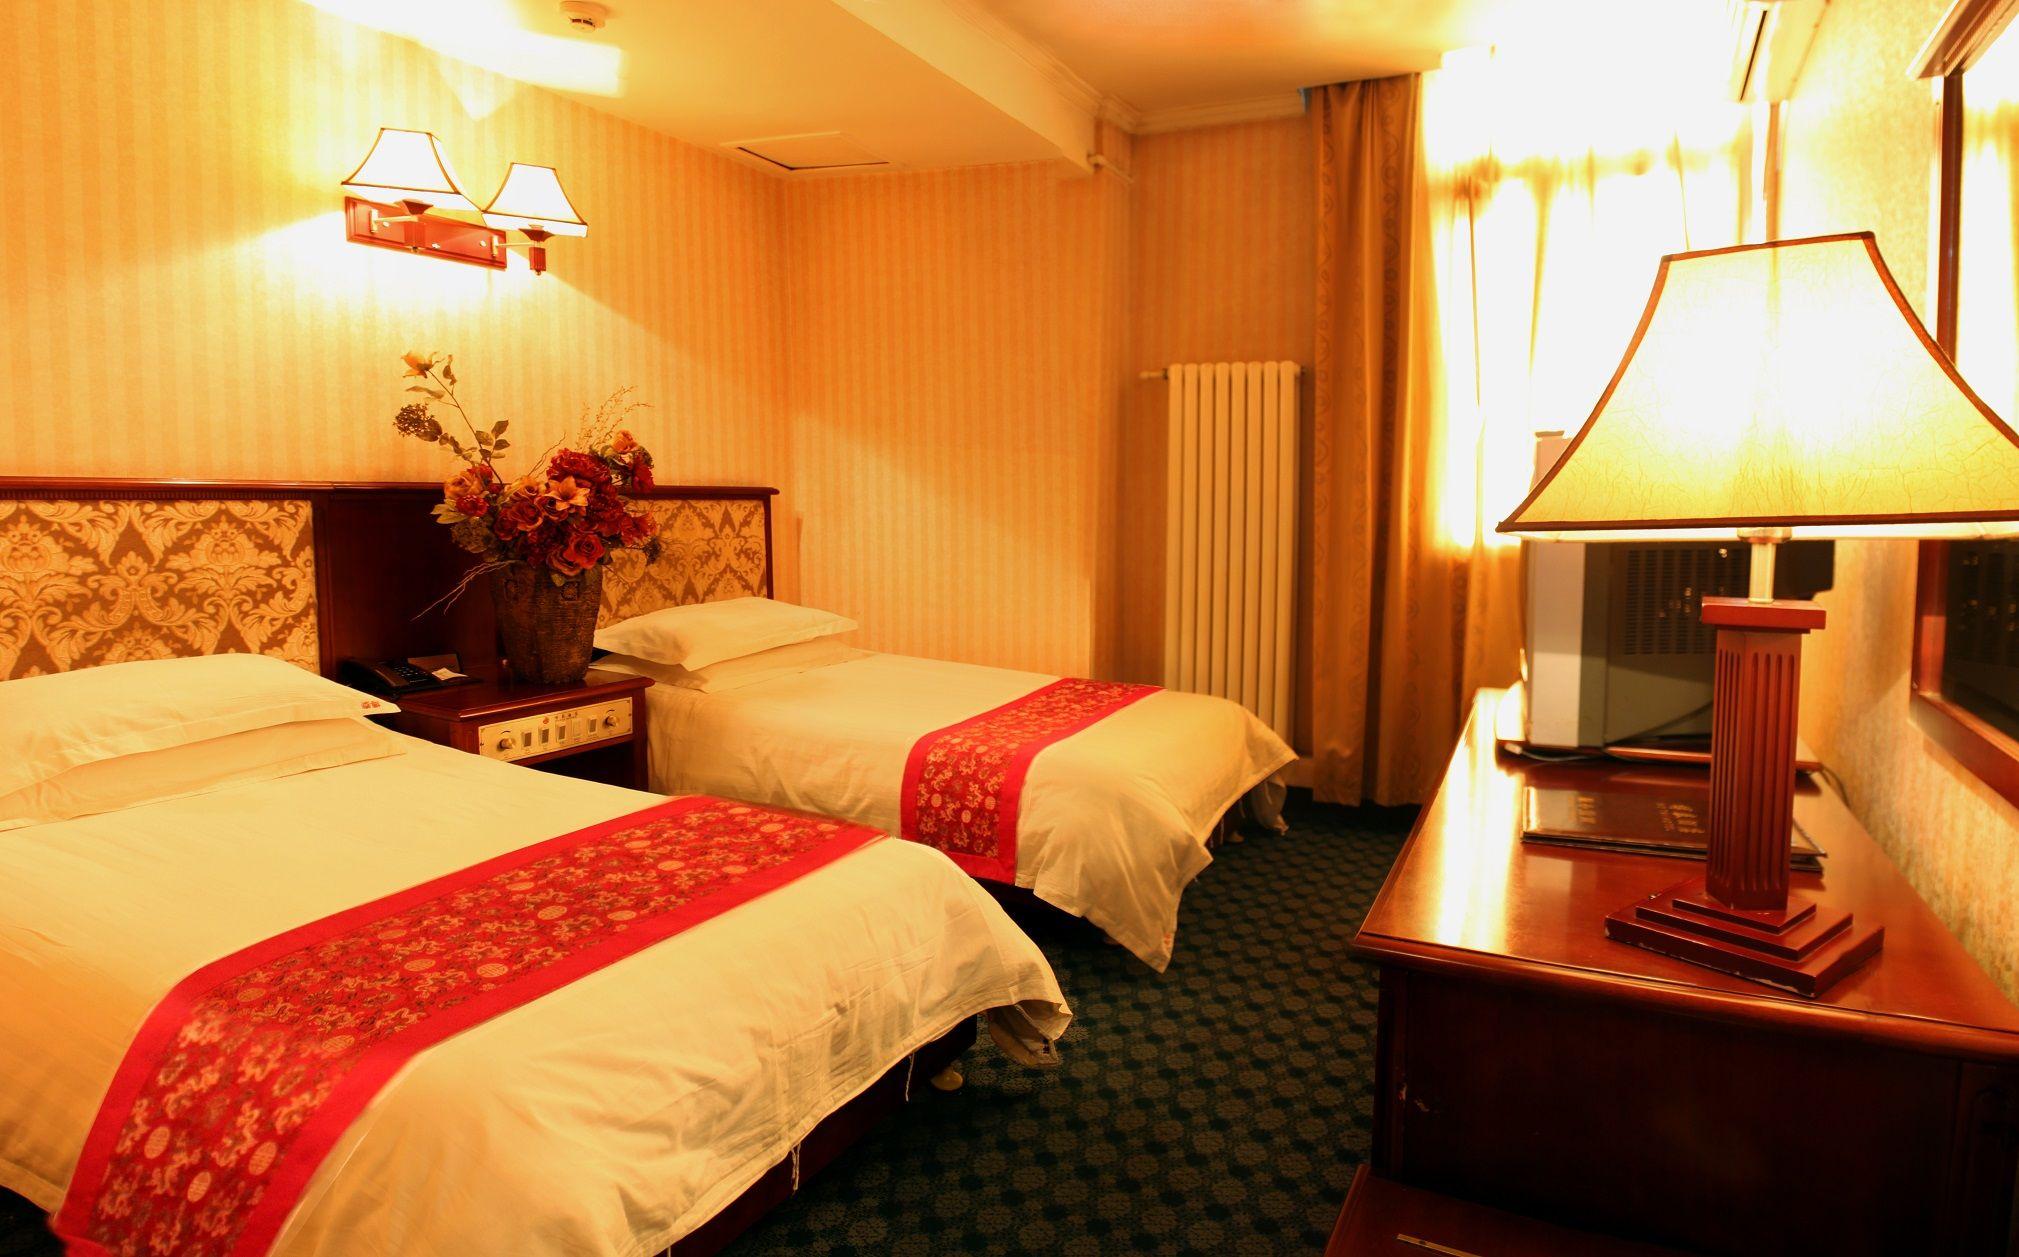 北京博泰酒店位于后海酒吧区,距离南锣鼓巷地铁站有5分钟步行路程,提供有线网络连接和停车场并设有一间餐厅、酒吧和24小时前台。 每间空调客房均配备了有线电视、带吹风机的浴室、迷你吧、保险箱和沏茶/咖啡设施。 北京博泰酒店的客人可以参观南锣鼓巷、景山公园、北海公园以及雍和宫等历史悠久的景点。 酒店的餐厅供应当地菜肴。客人亦可前往附近的簋街美食街。 北京博泰酒店与著名的紫禁城和天安门广场相距3个地铁站。